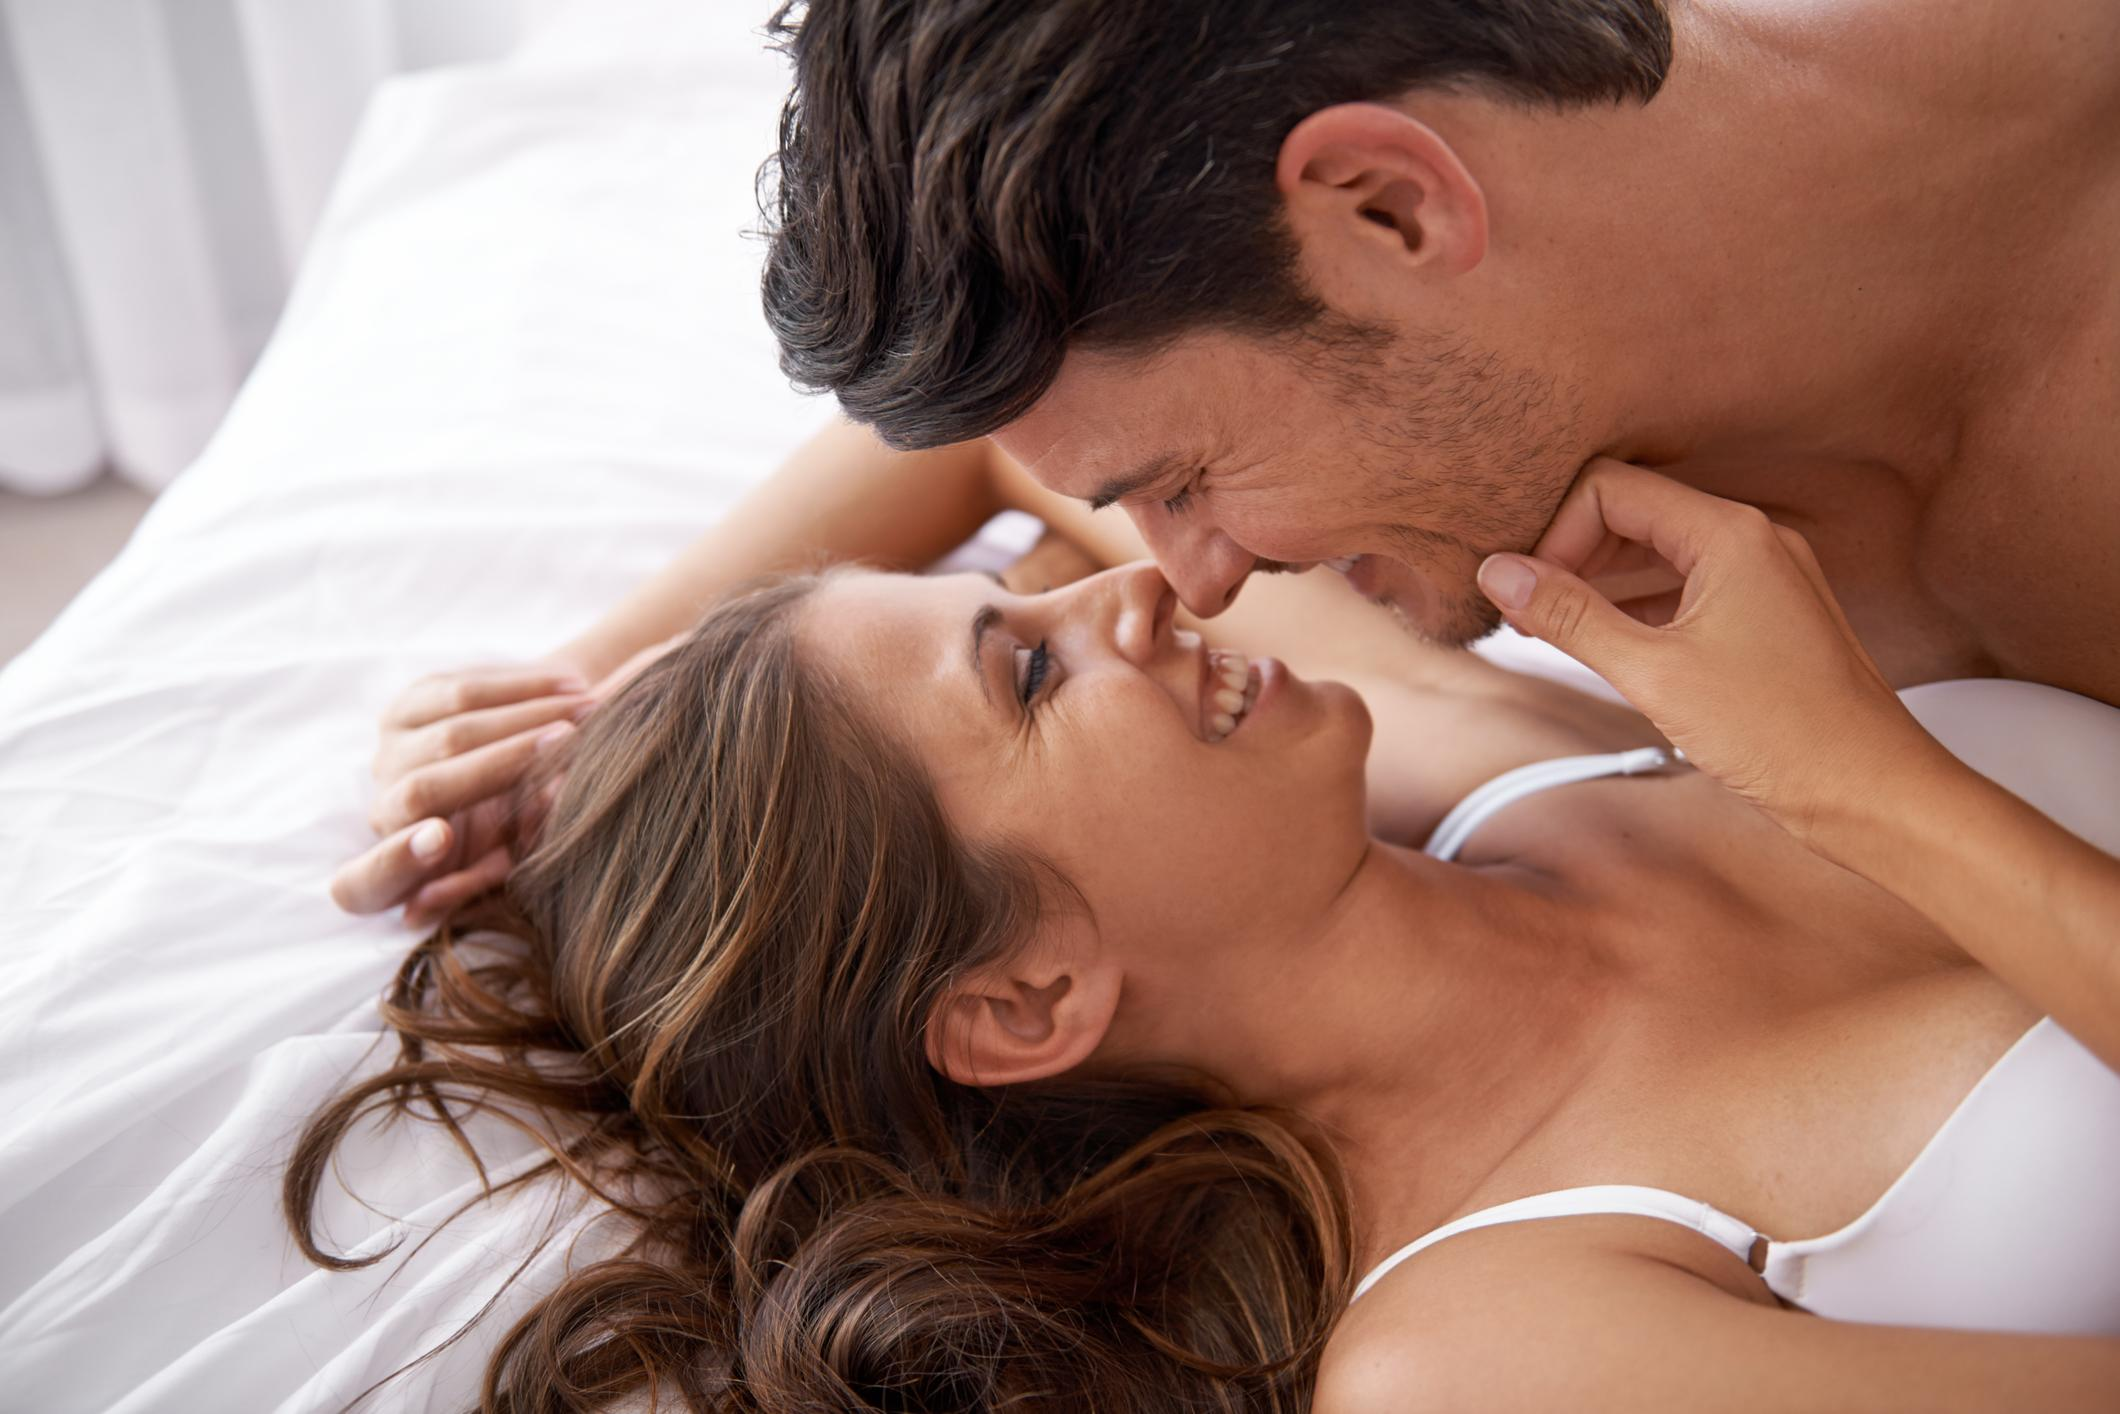 otkritiy-seks-kak-mozhno-pravilno-zasevat